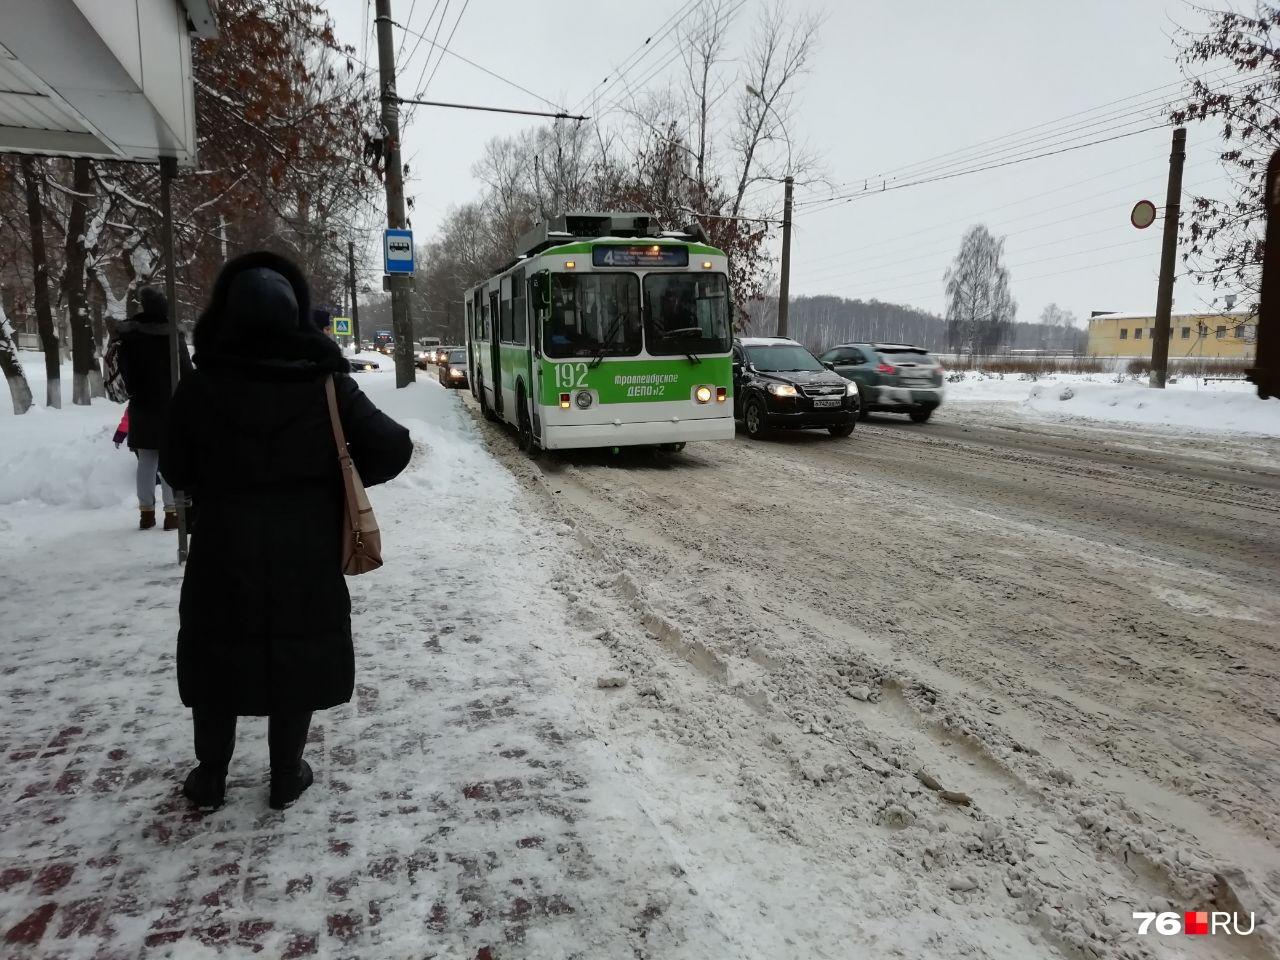 Качеством уборки дорог в Ярославле недовольны тысячи горожан